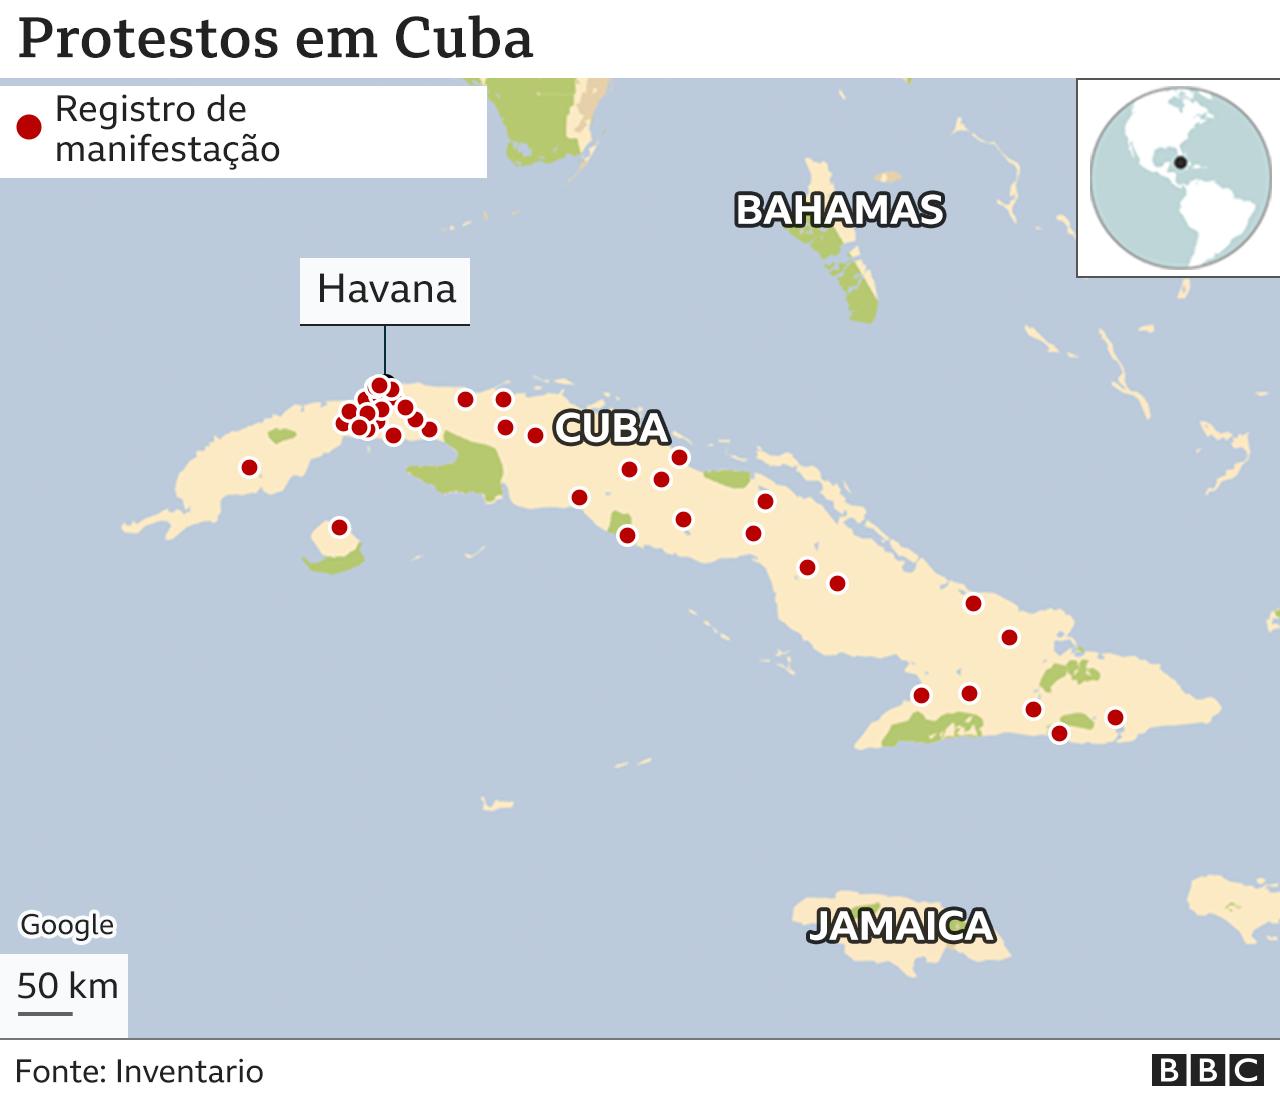 mapa de protestos em cuba em 11 de julho